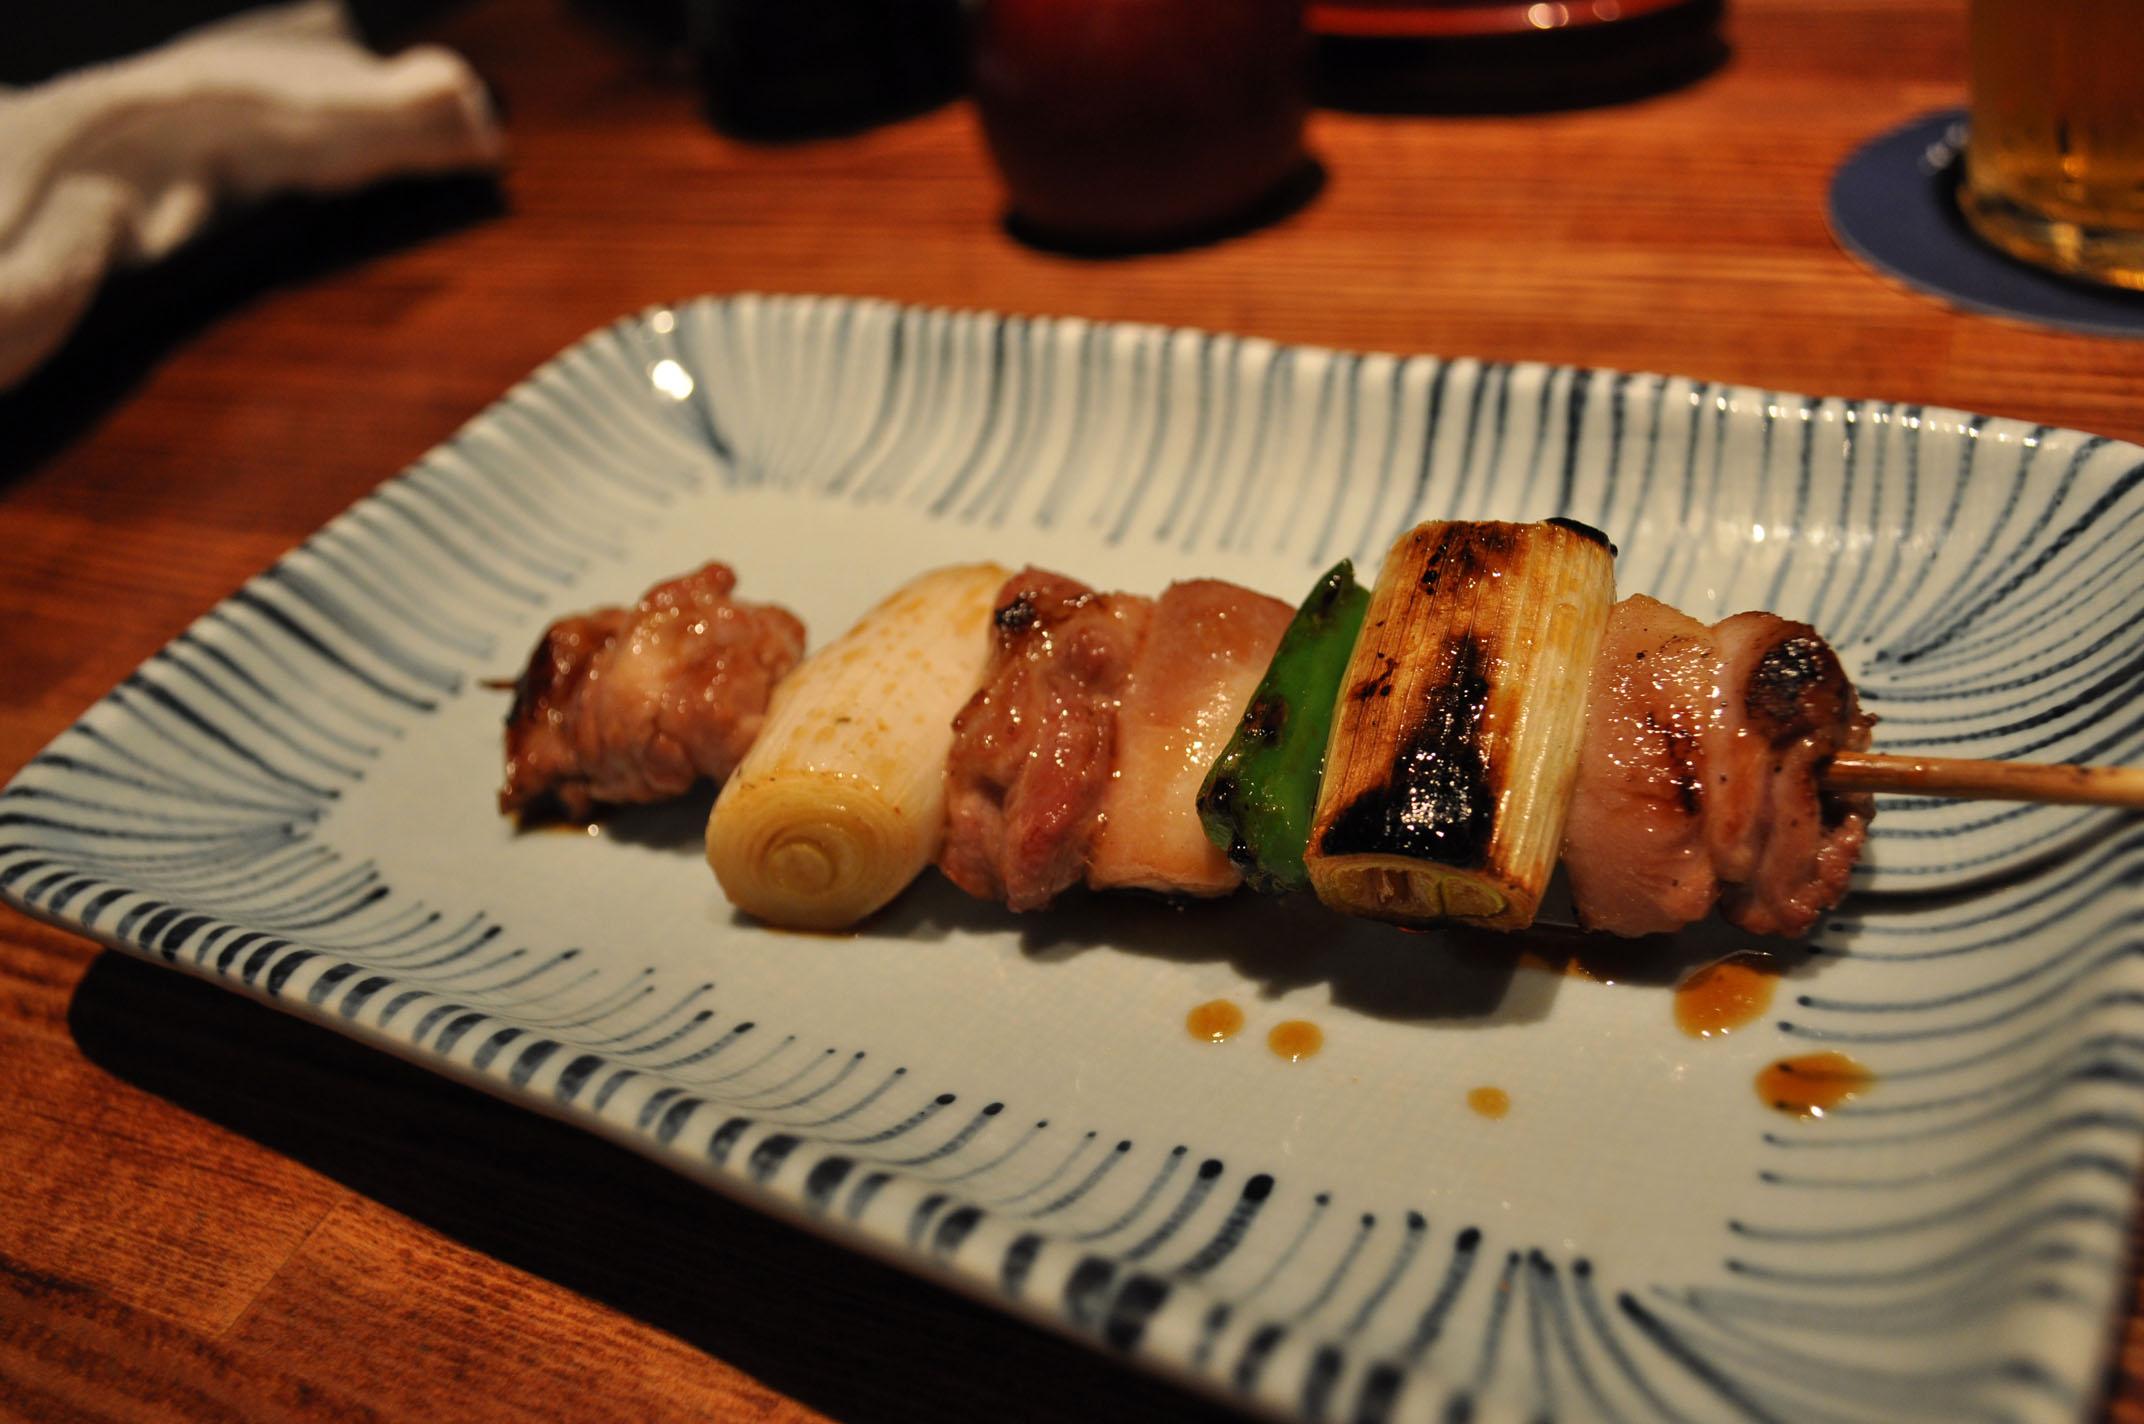 Yakitori_-_Chicken_thigh_and_negi